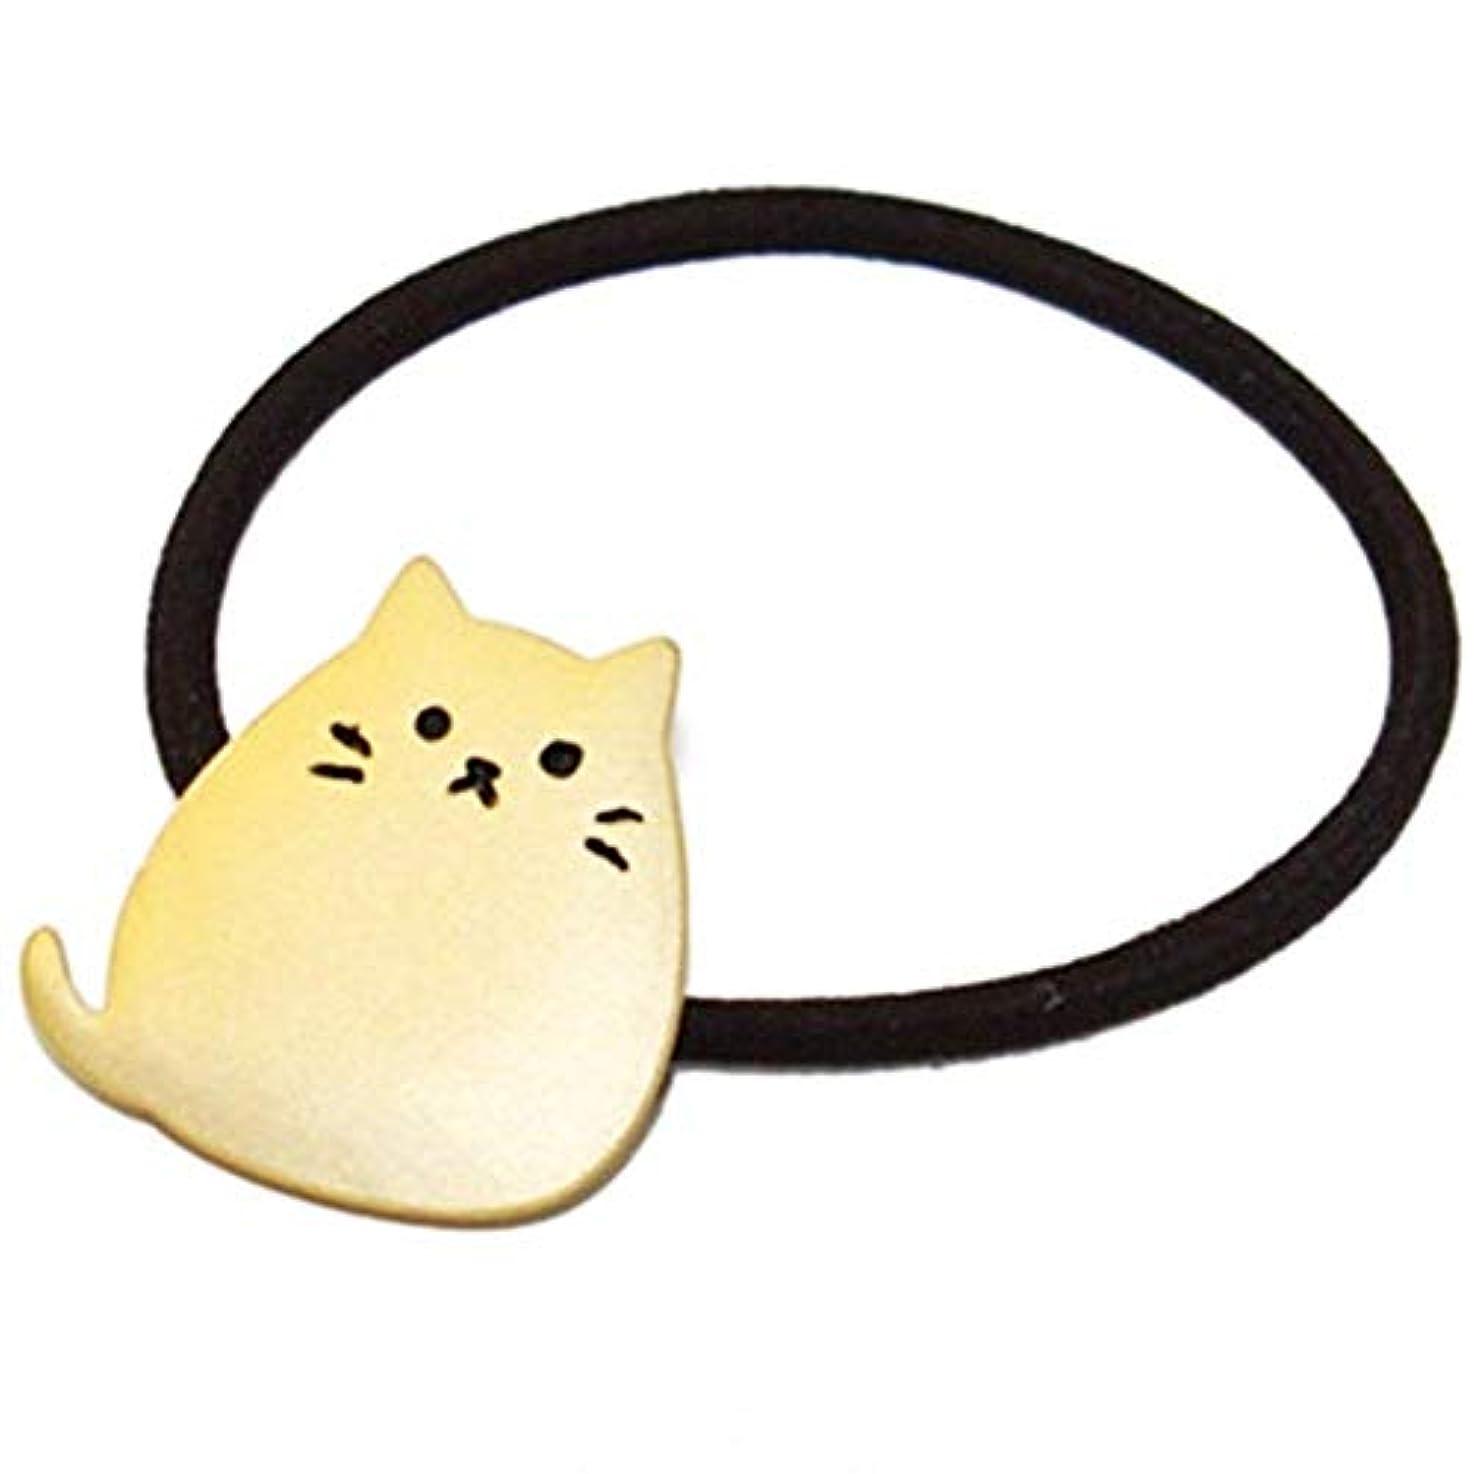 覆す意図する幻滅するOnior ヘアロープ 弾性 リボン 髪飾り ヘアネクタイ 猫形 金属 メッキ 1ピース ゴールデン